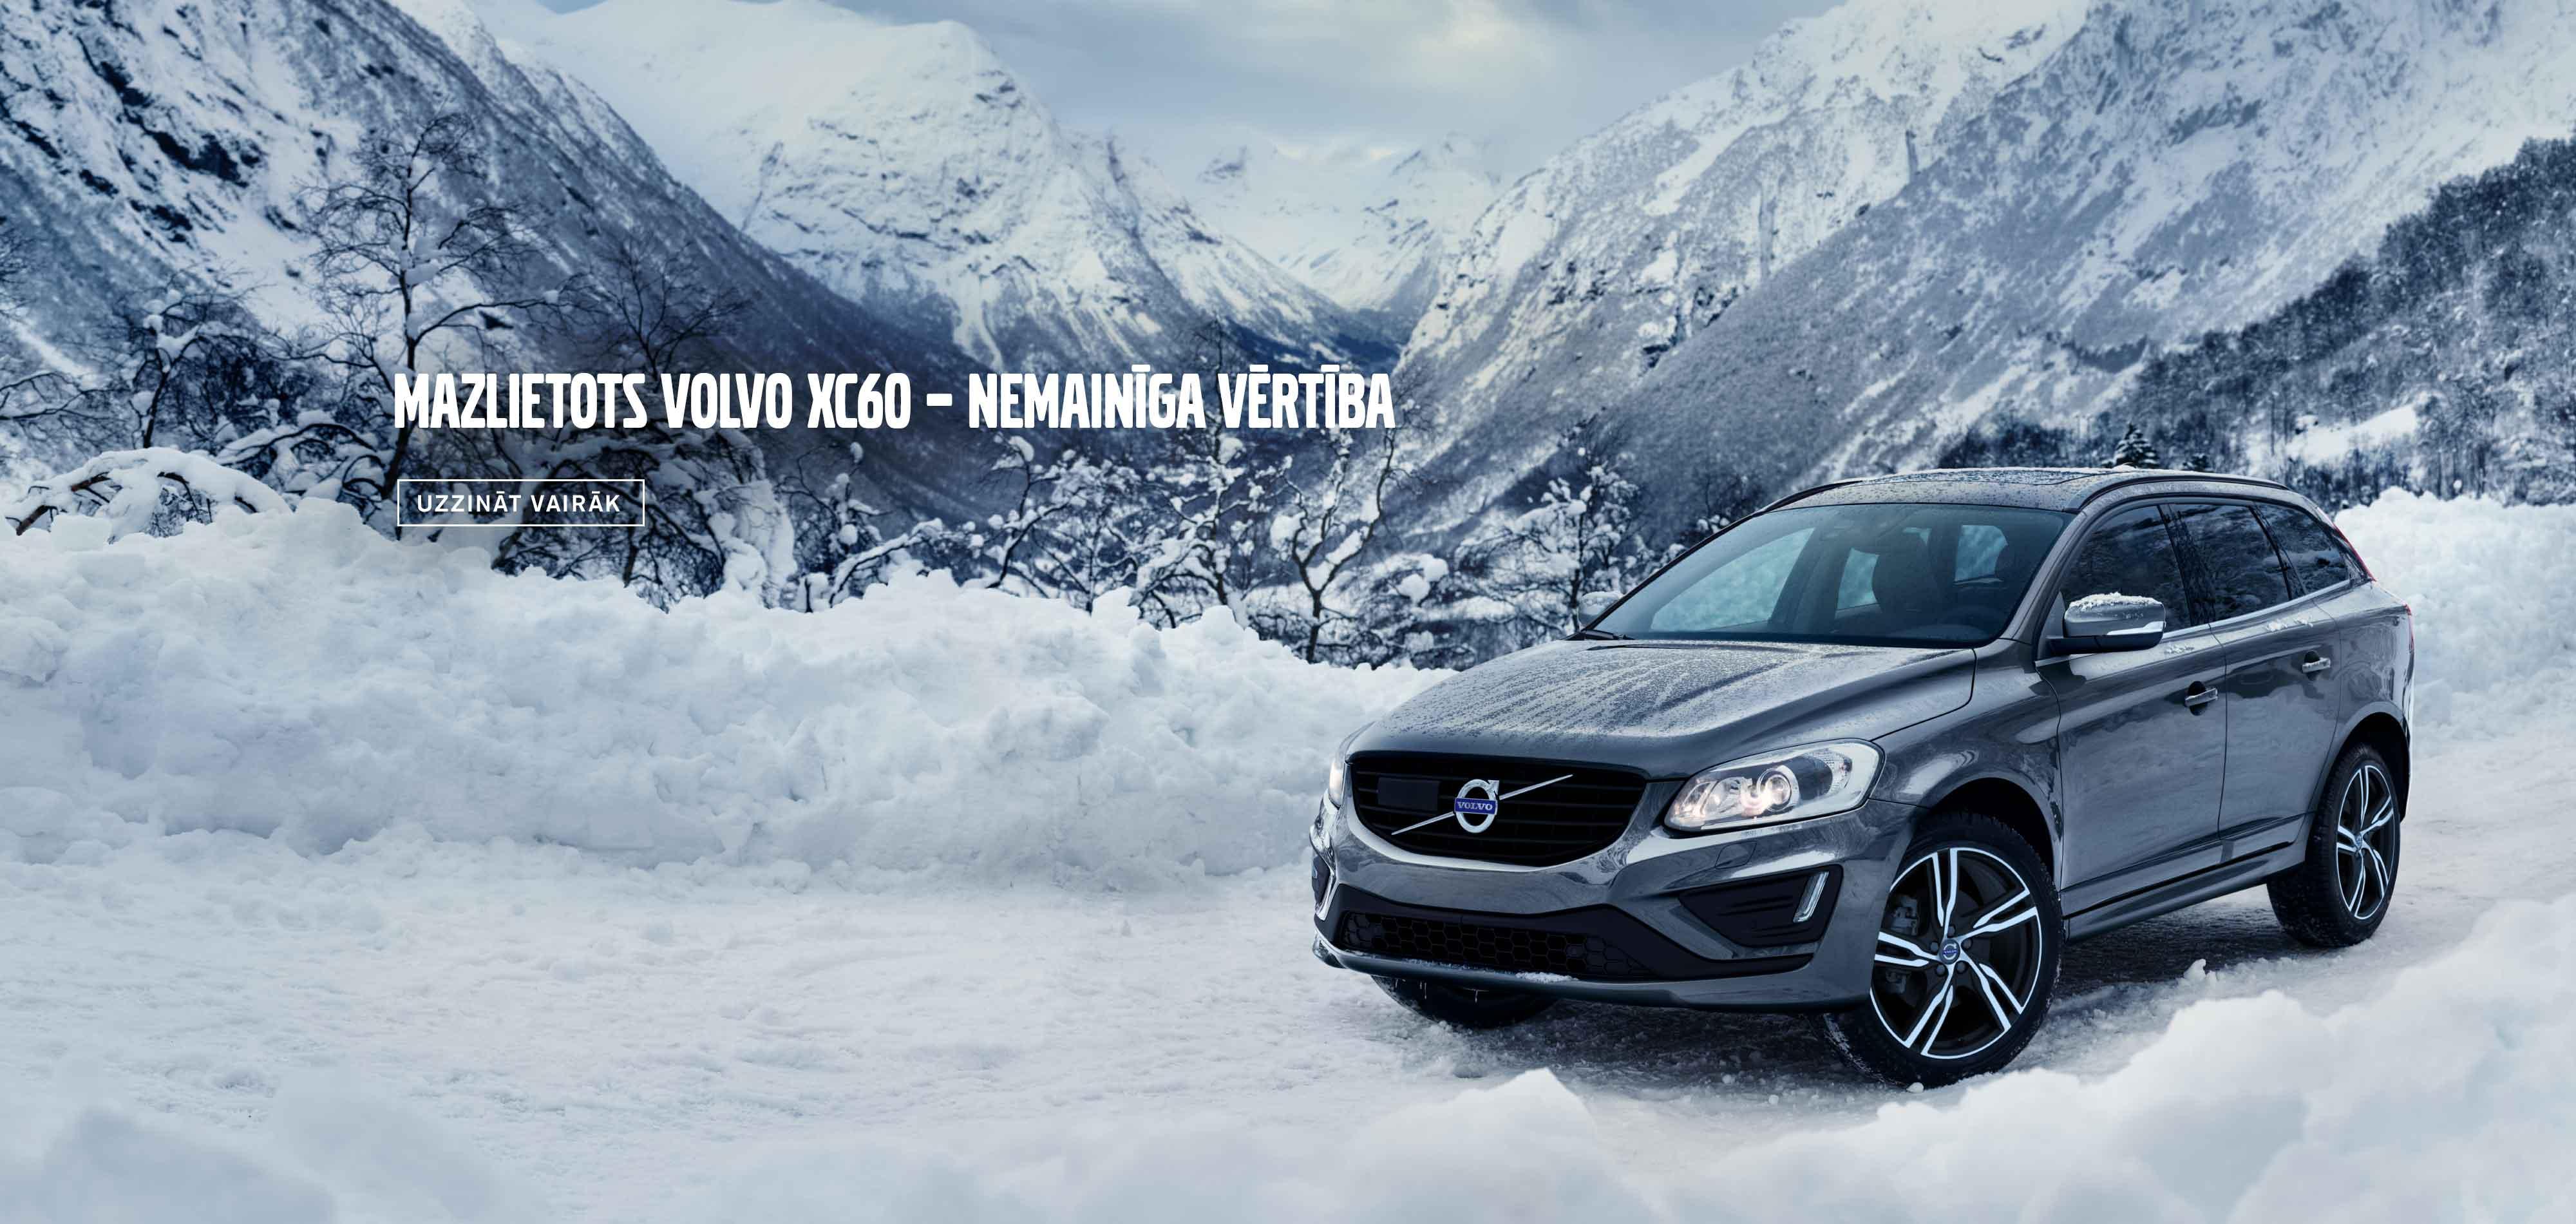 Mazlietots Volvo XC60 – nemainīga vērtība!